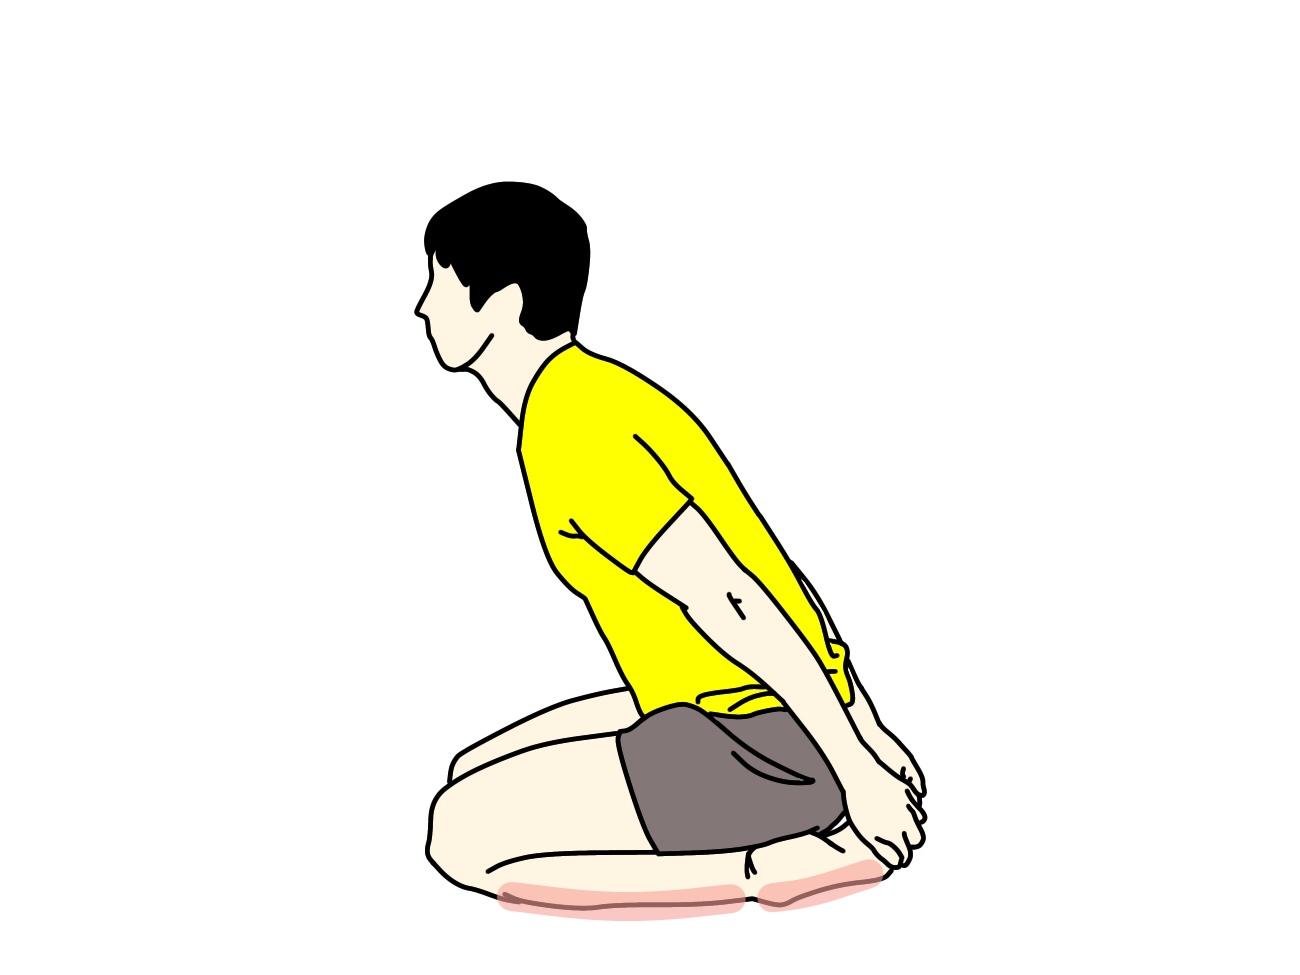 スネ(前脛骨筋)のストレッチで伸びる場所